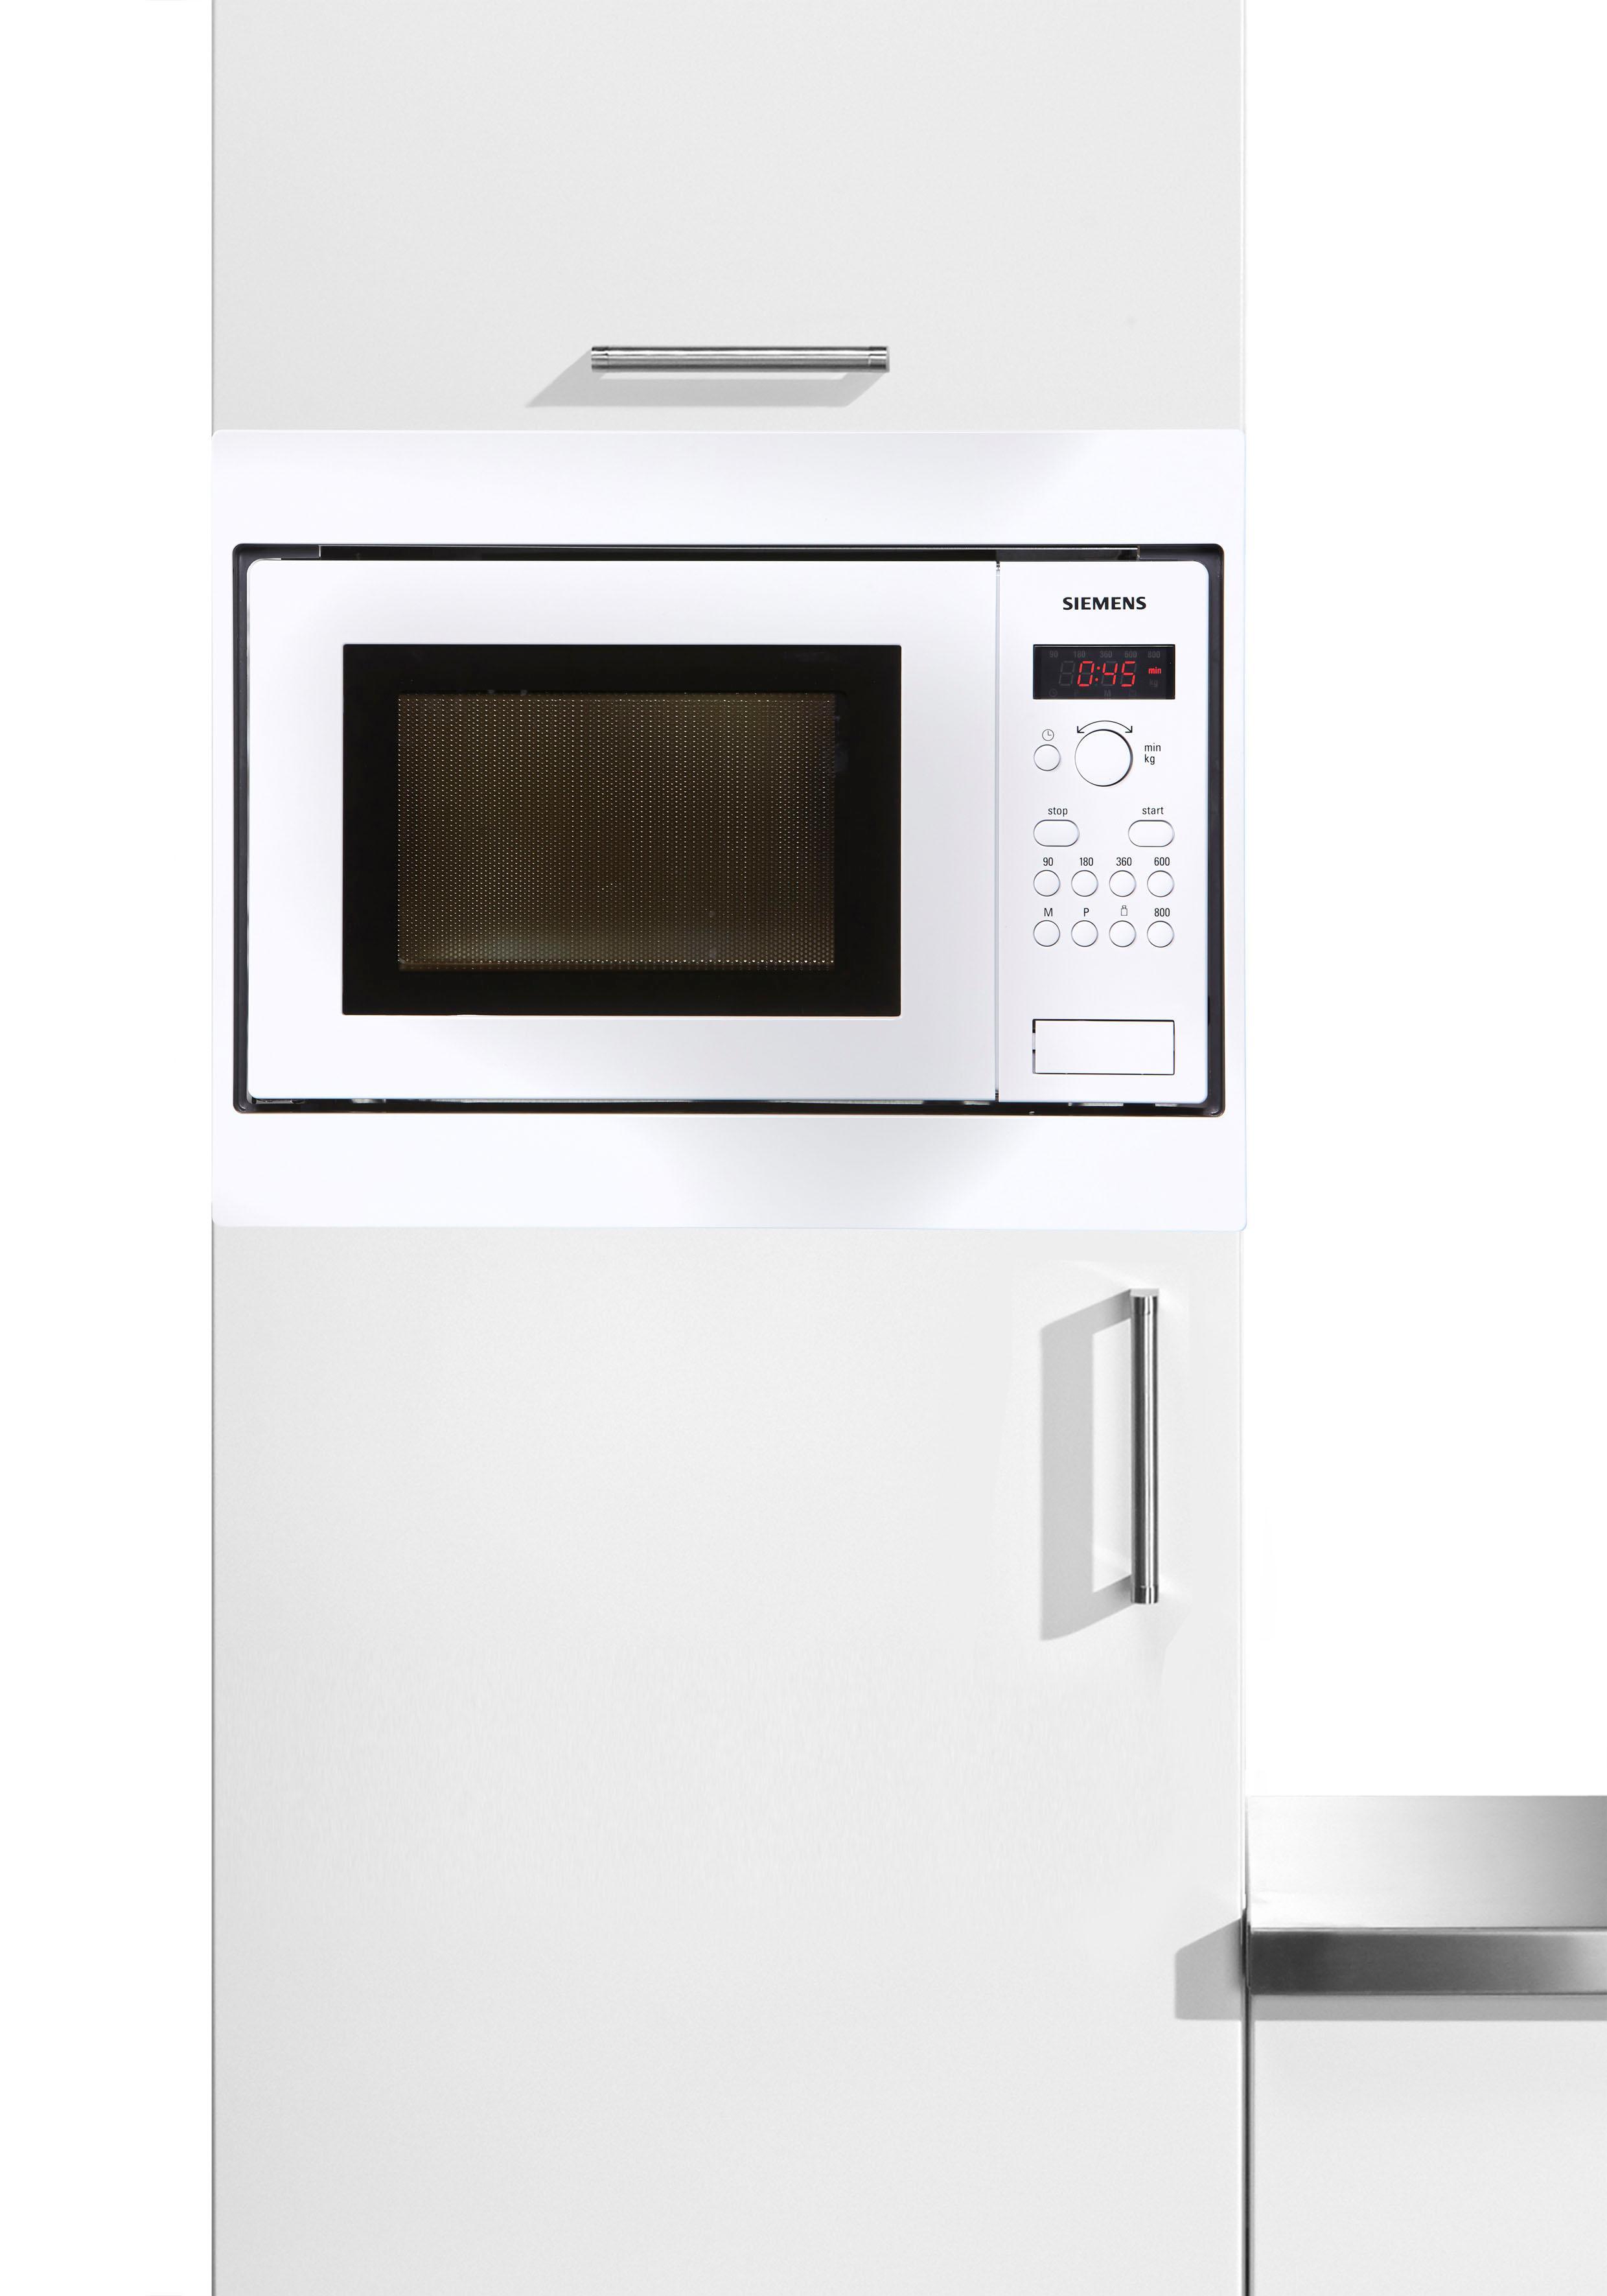 SIEMENS Mikrowelle HF15M251 800 W | Küche und Esszimmer > Küchenelektrogeräte > Mikrowellen | Weiß | Siemens